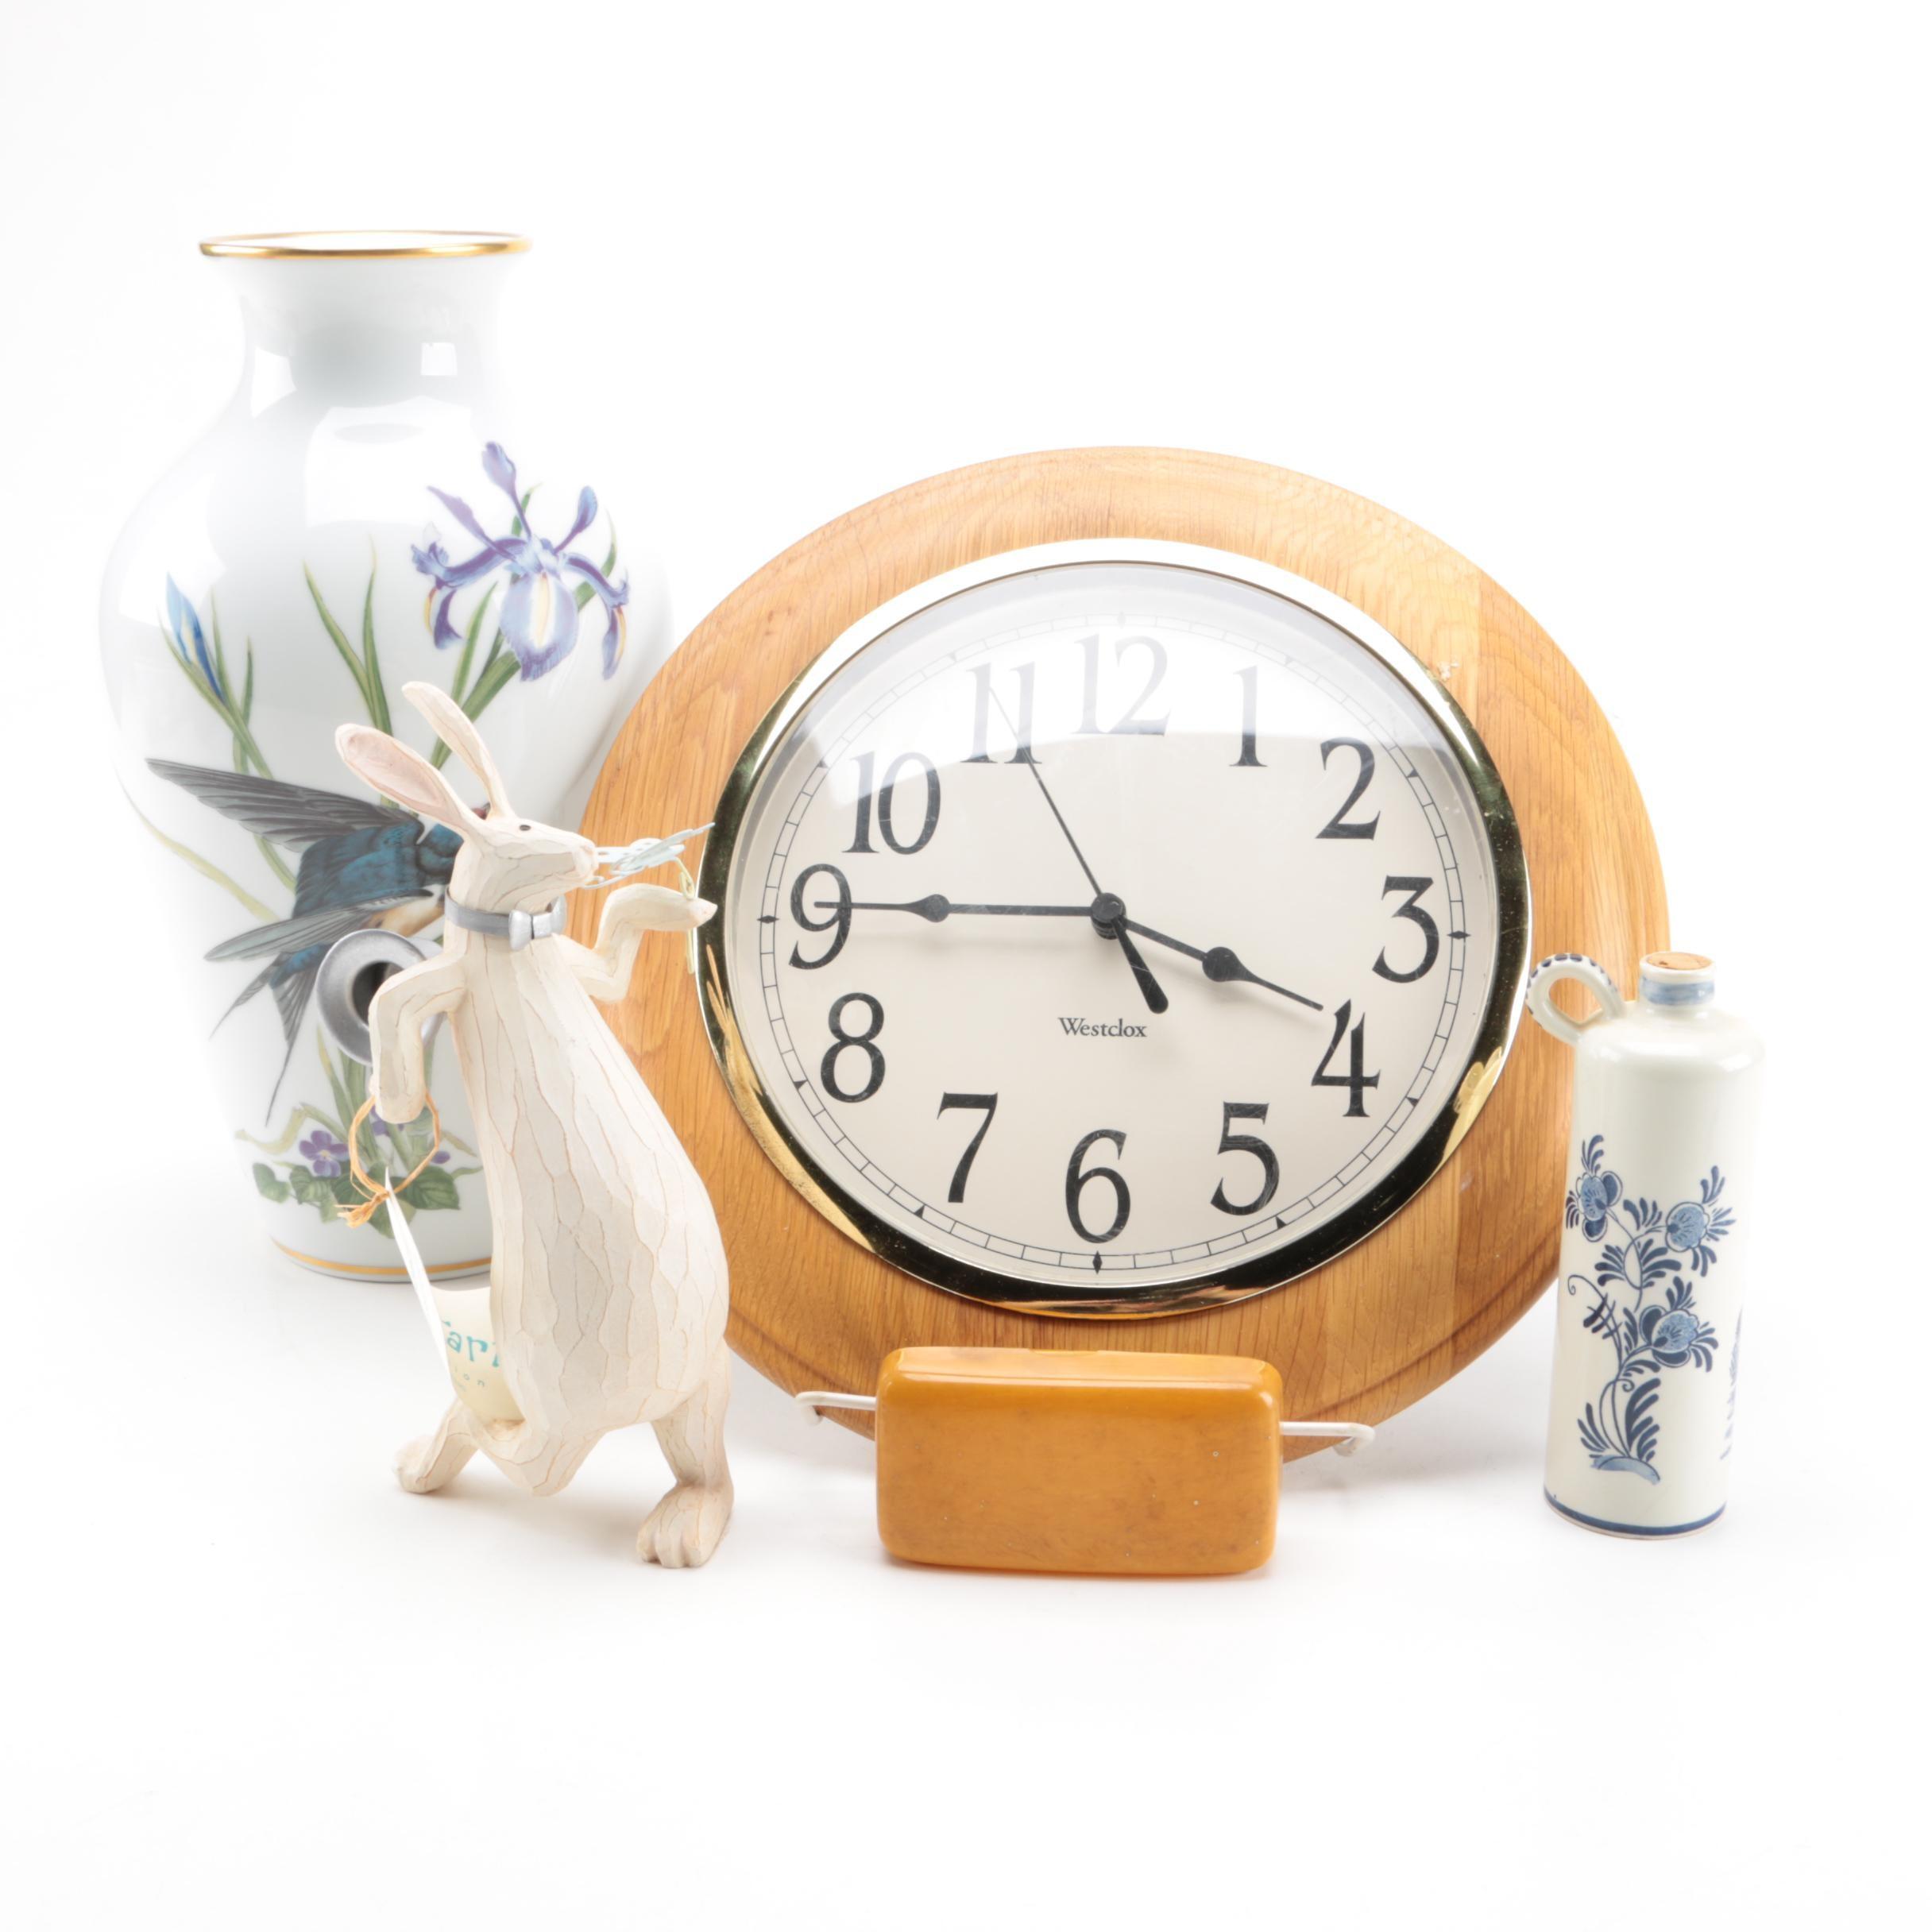 Franklin Porcelain Vase, Delft Jug and Westclox Clock